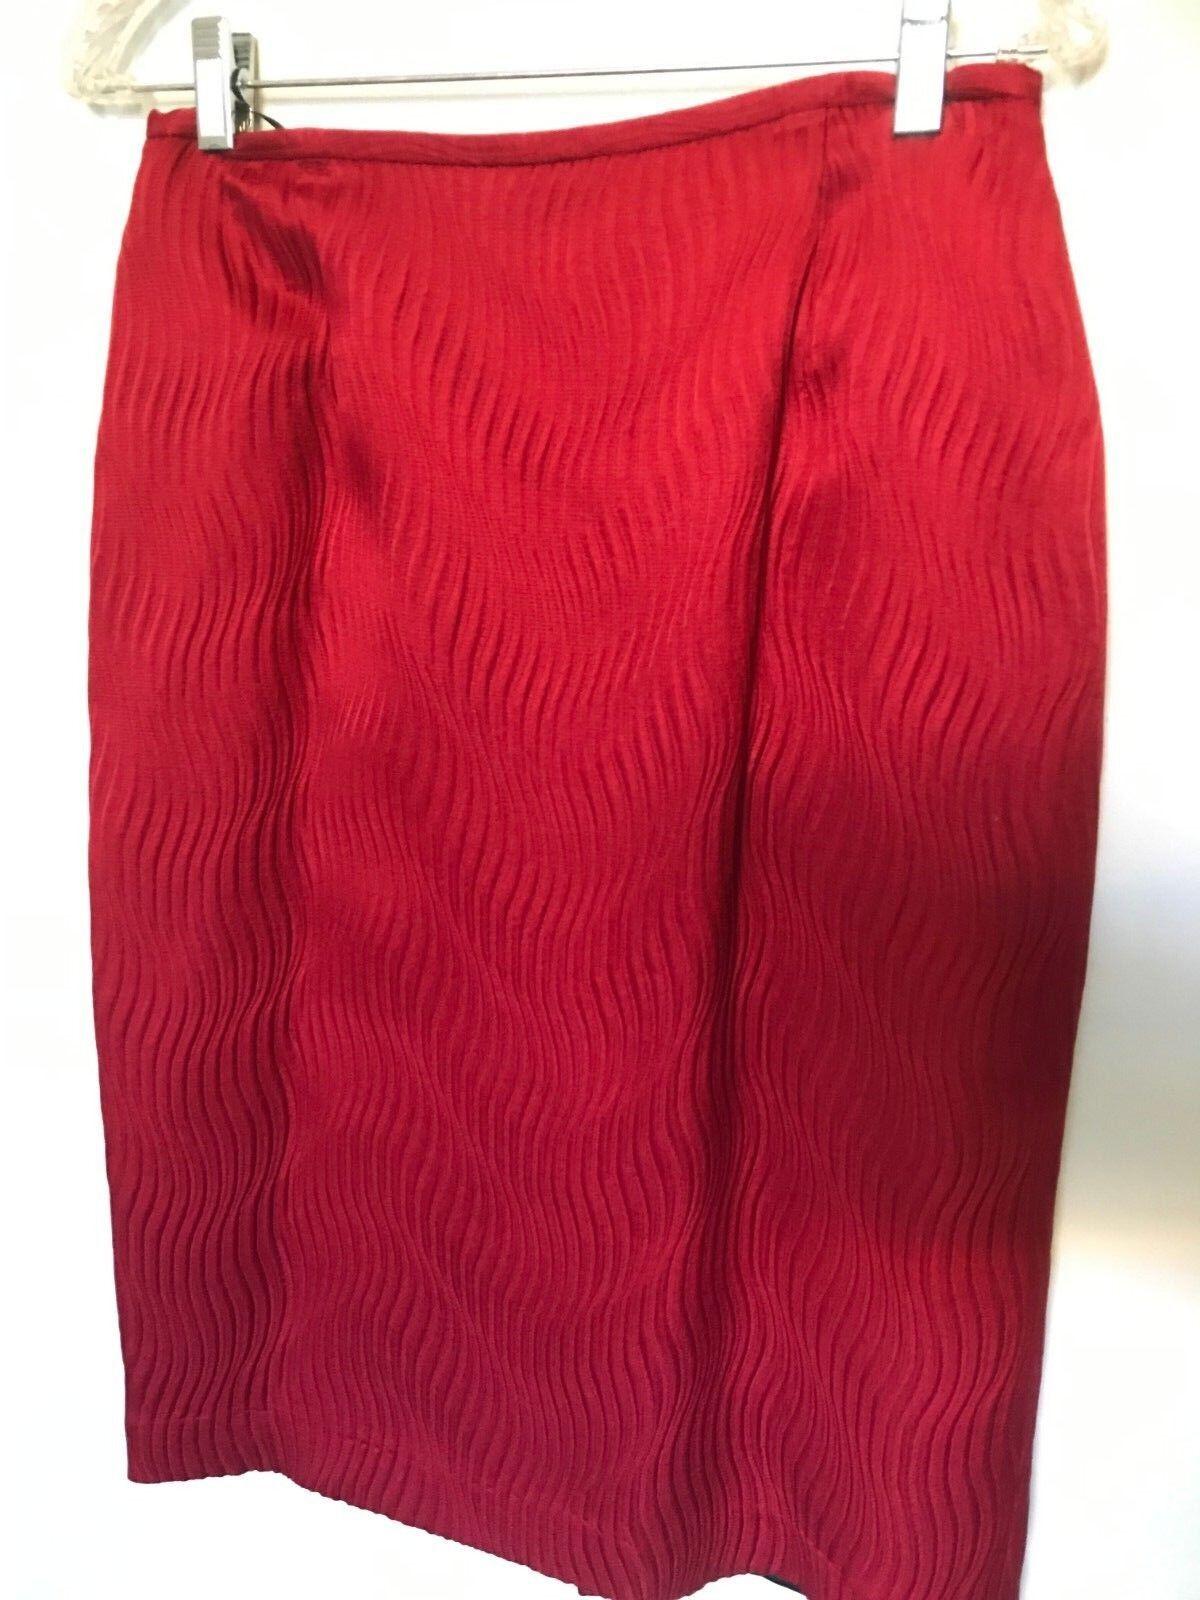 Lafayette 148 Maroon Textured Skirt - Size 8